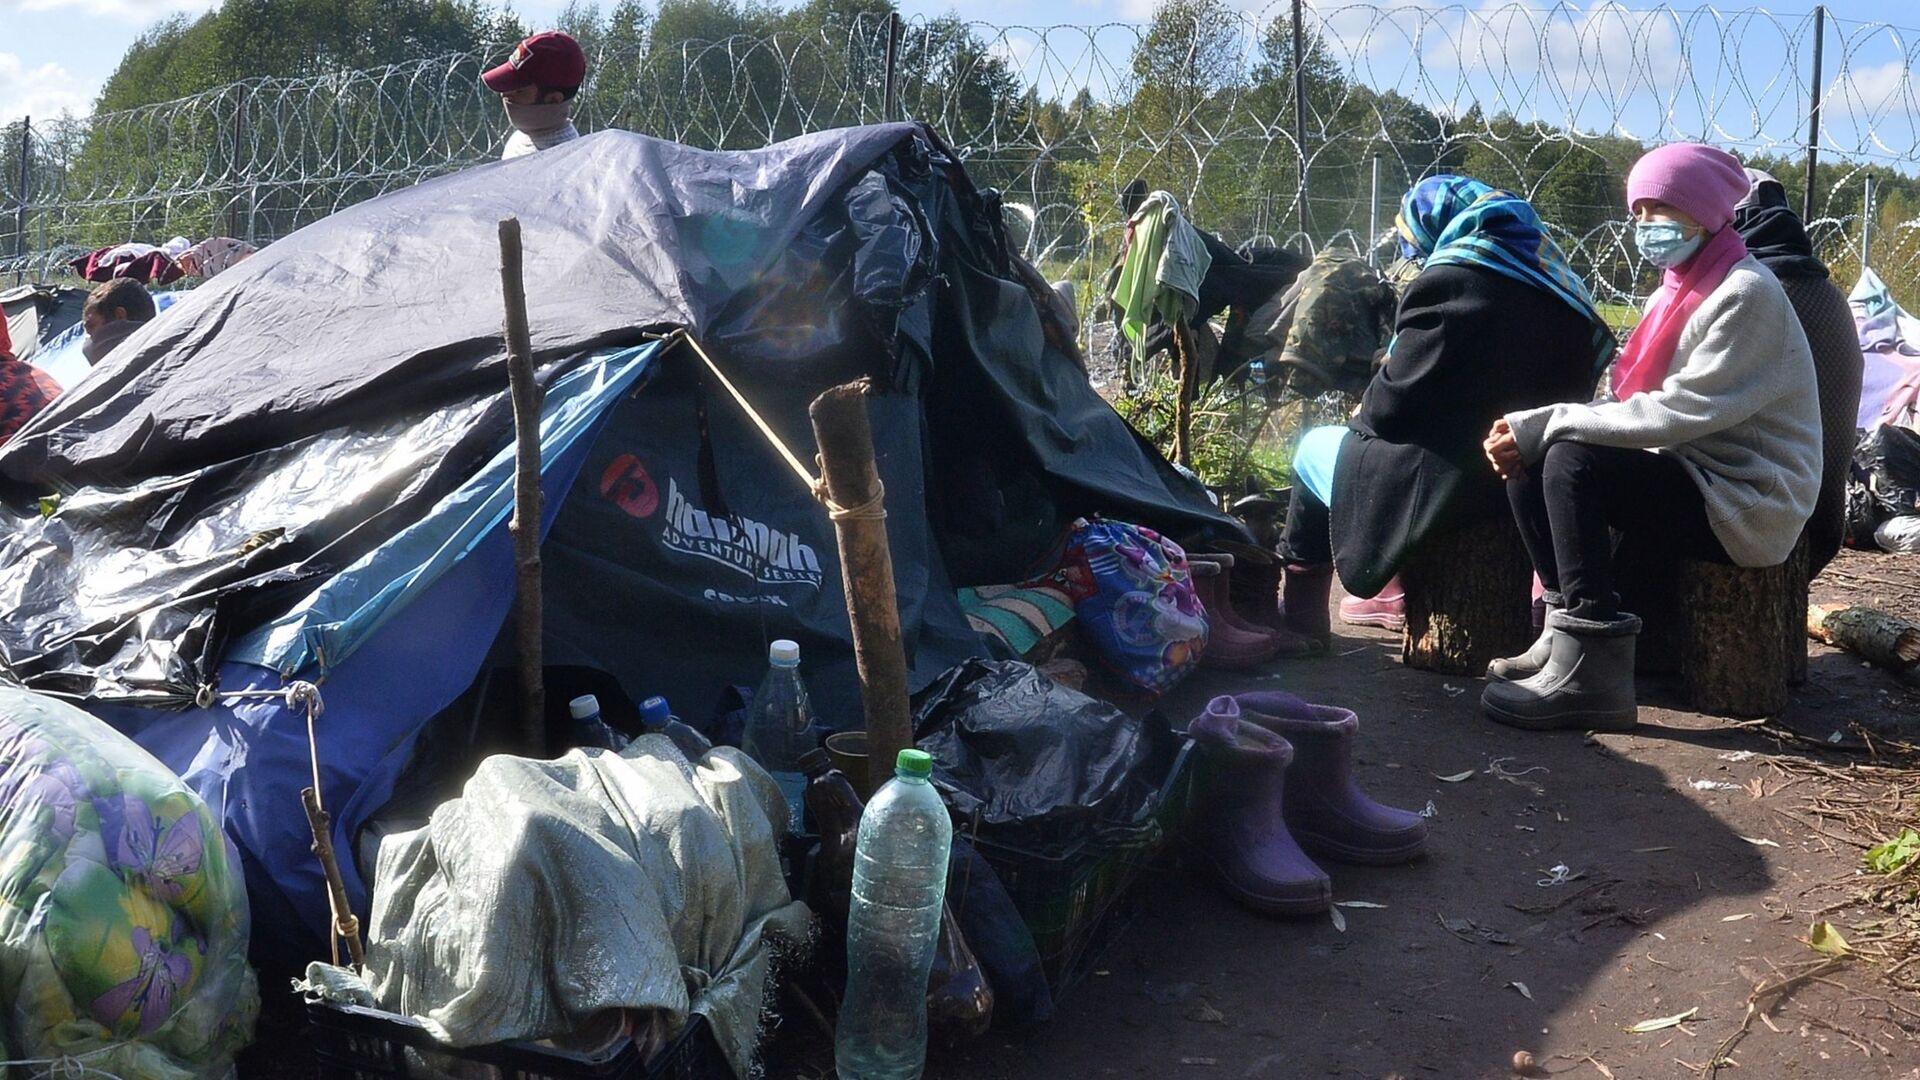 Люди в лагере нелегальных мигрантов из Афганистана на белорусско-польской границе возле деревни Уснар-Дольное - Sputnik Тоҷикистон, 1920, 07.10.2021